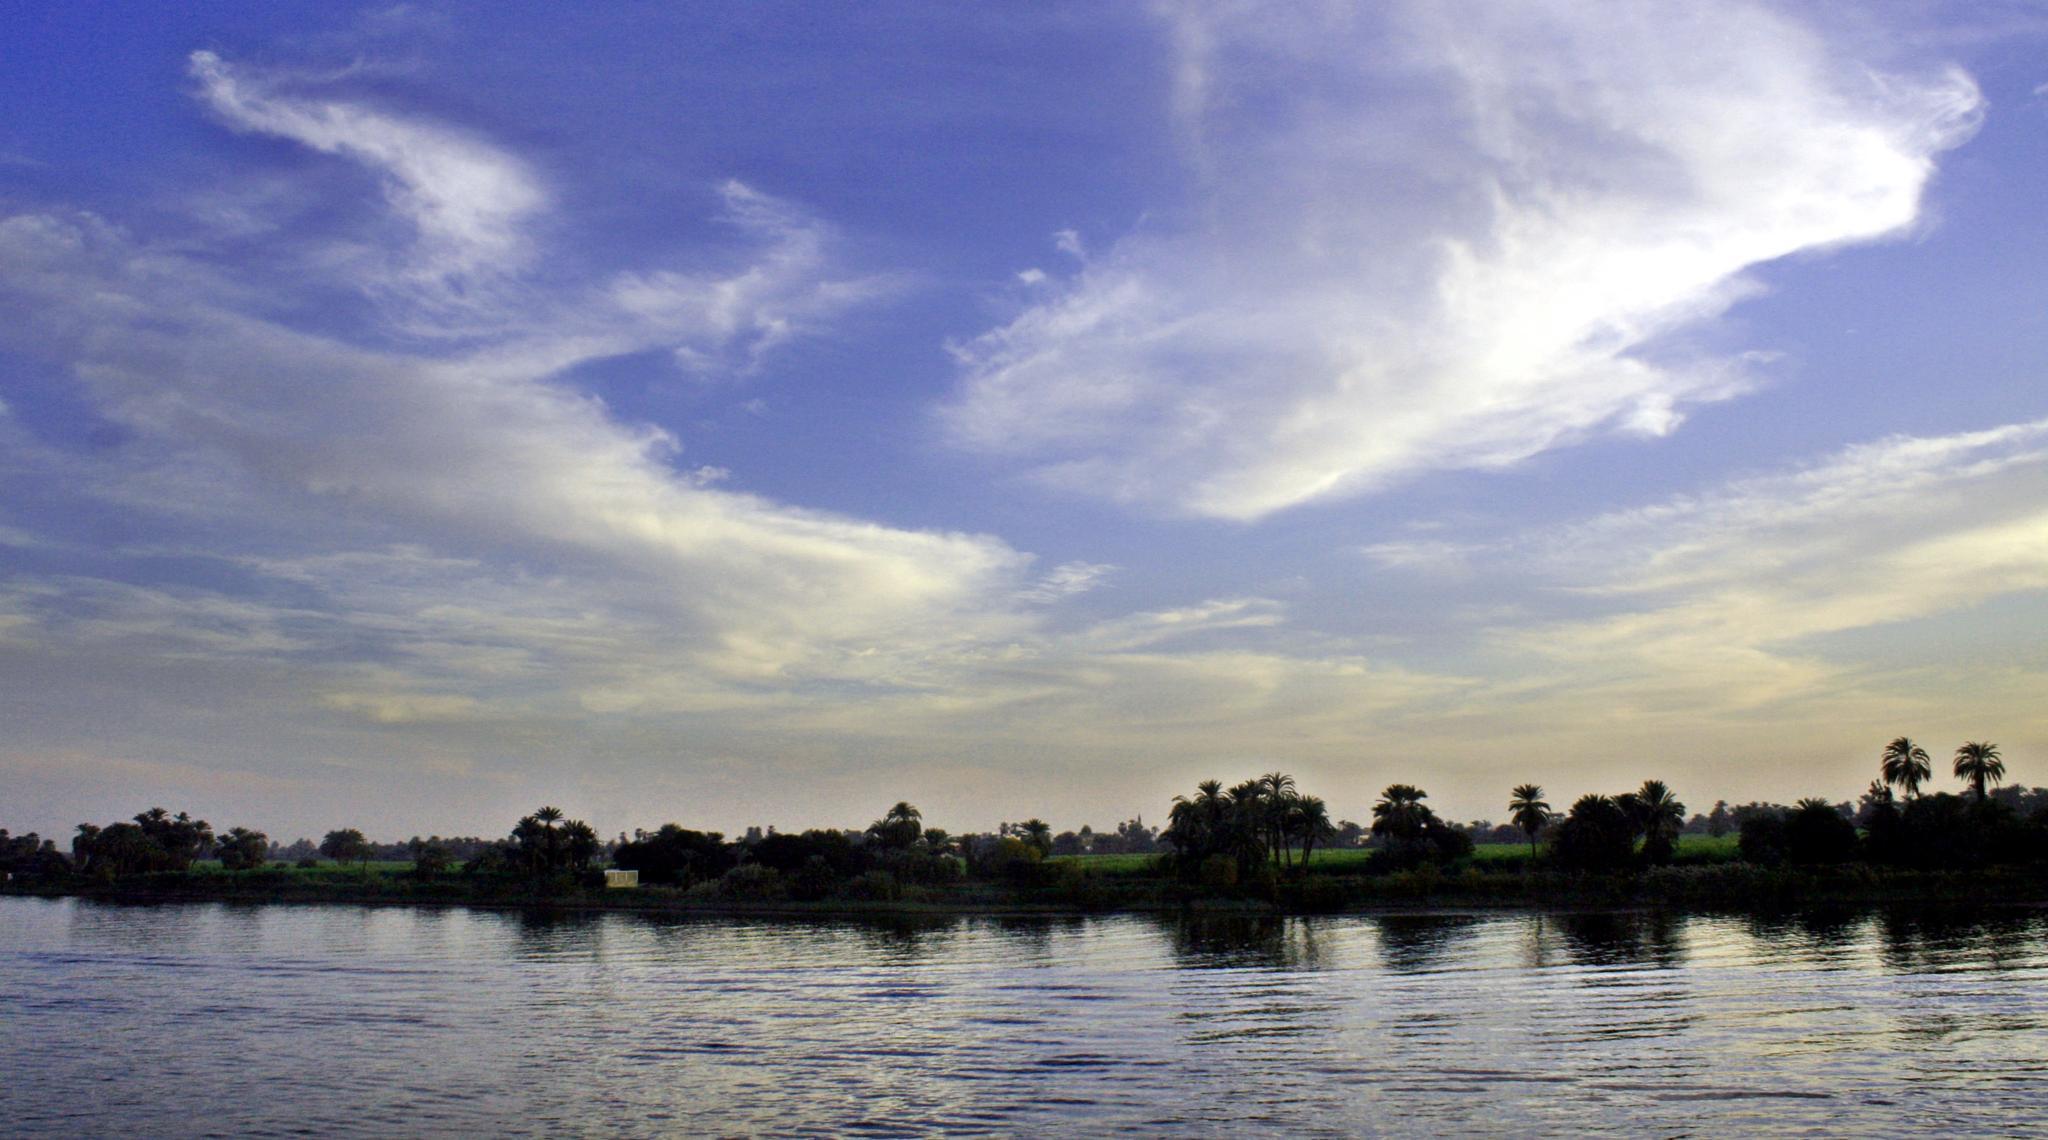 Egytian sky over Nile by Mkorho